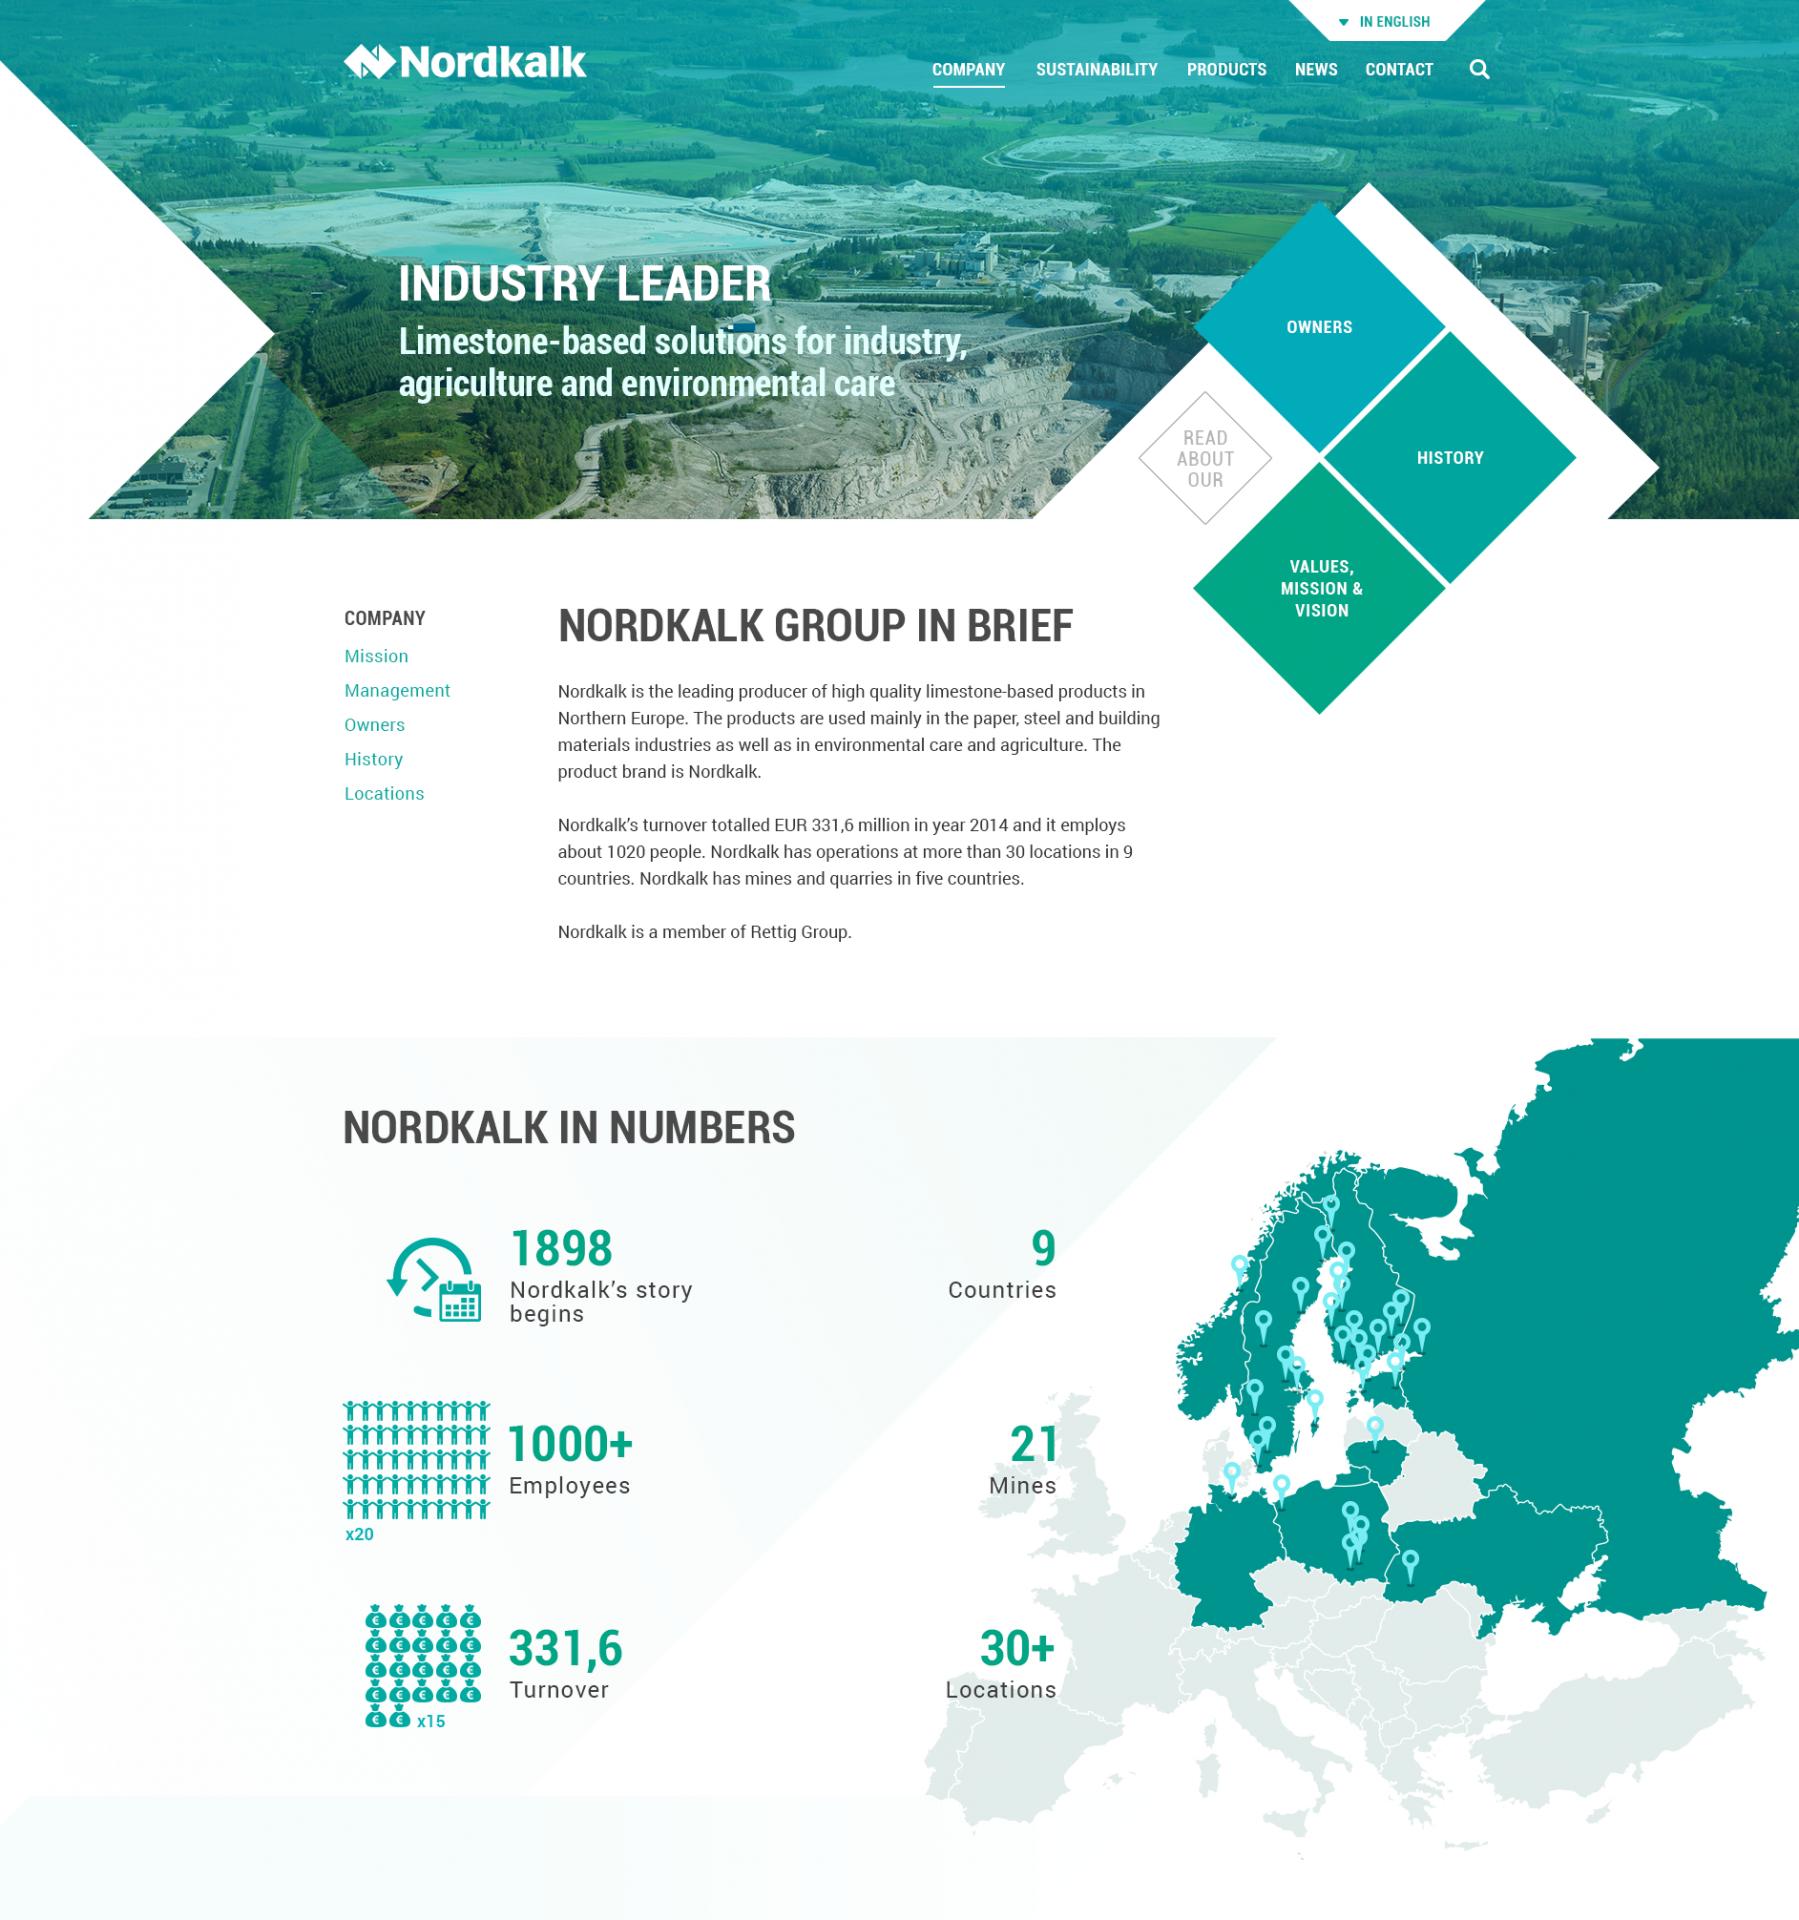 nordkalk_web_sivu